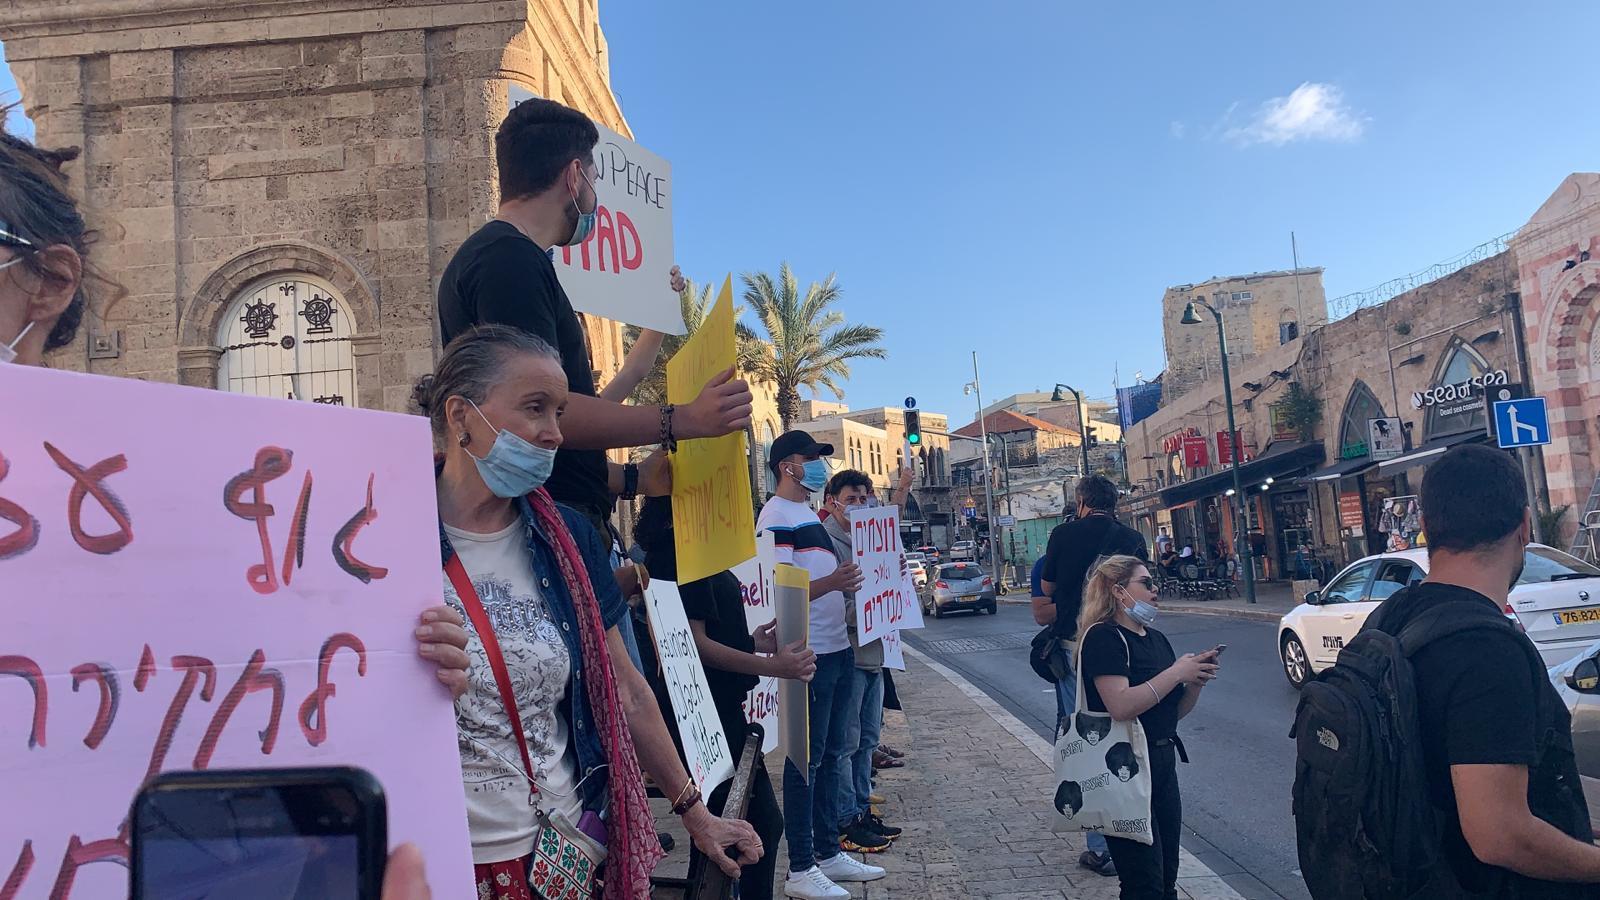 تظاهرتان في يافا وحيفا احتجاجا على جرائم الشرطة ونصرة للشهيدين الحلاق ويونس